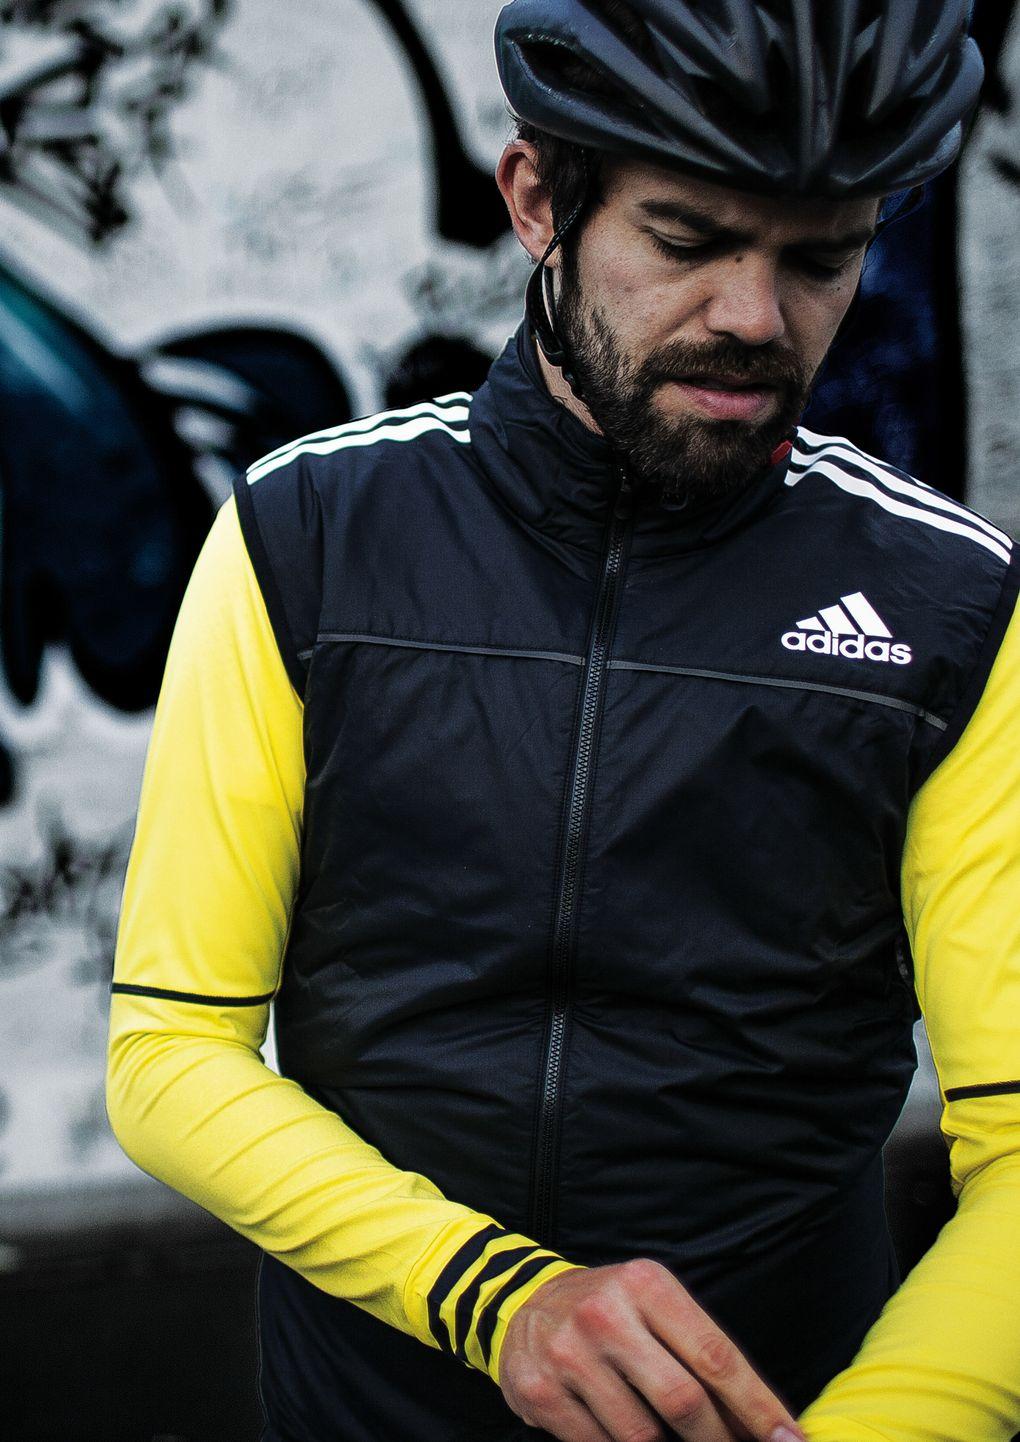 06 Adidas Cycling